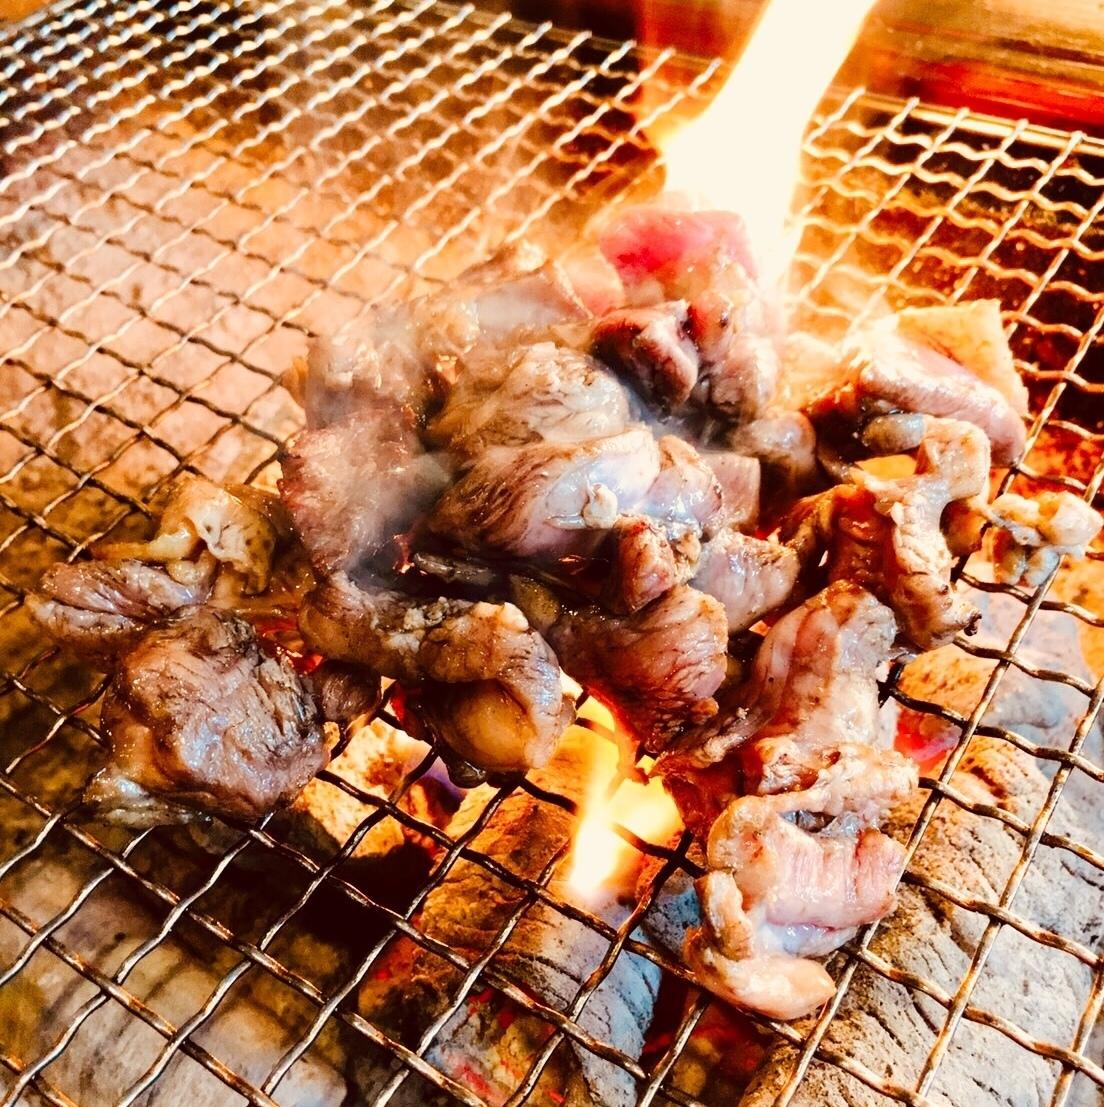 木炭燒烤貼在店主身上